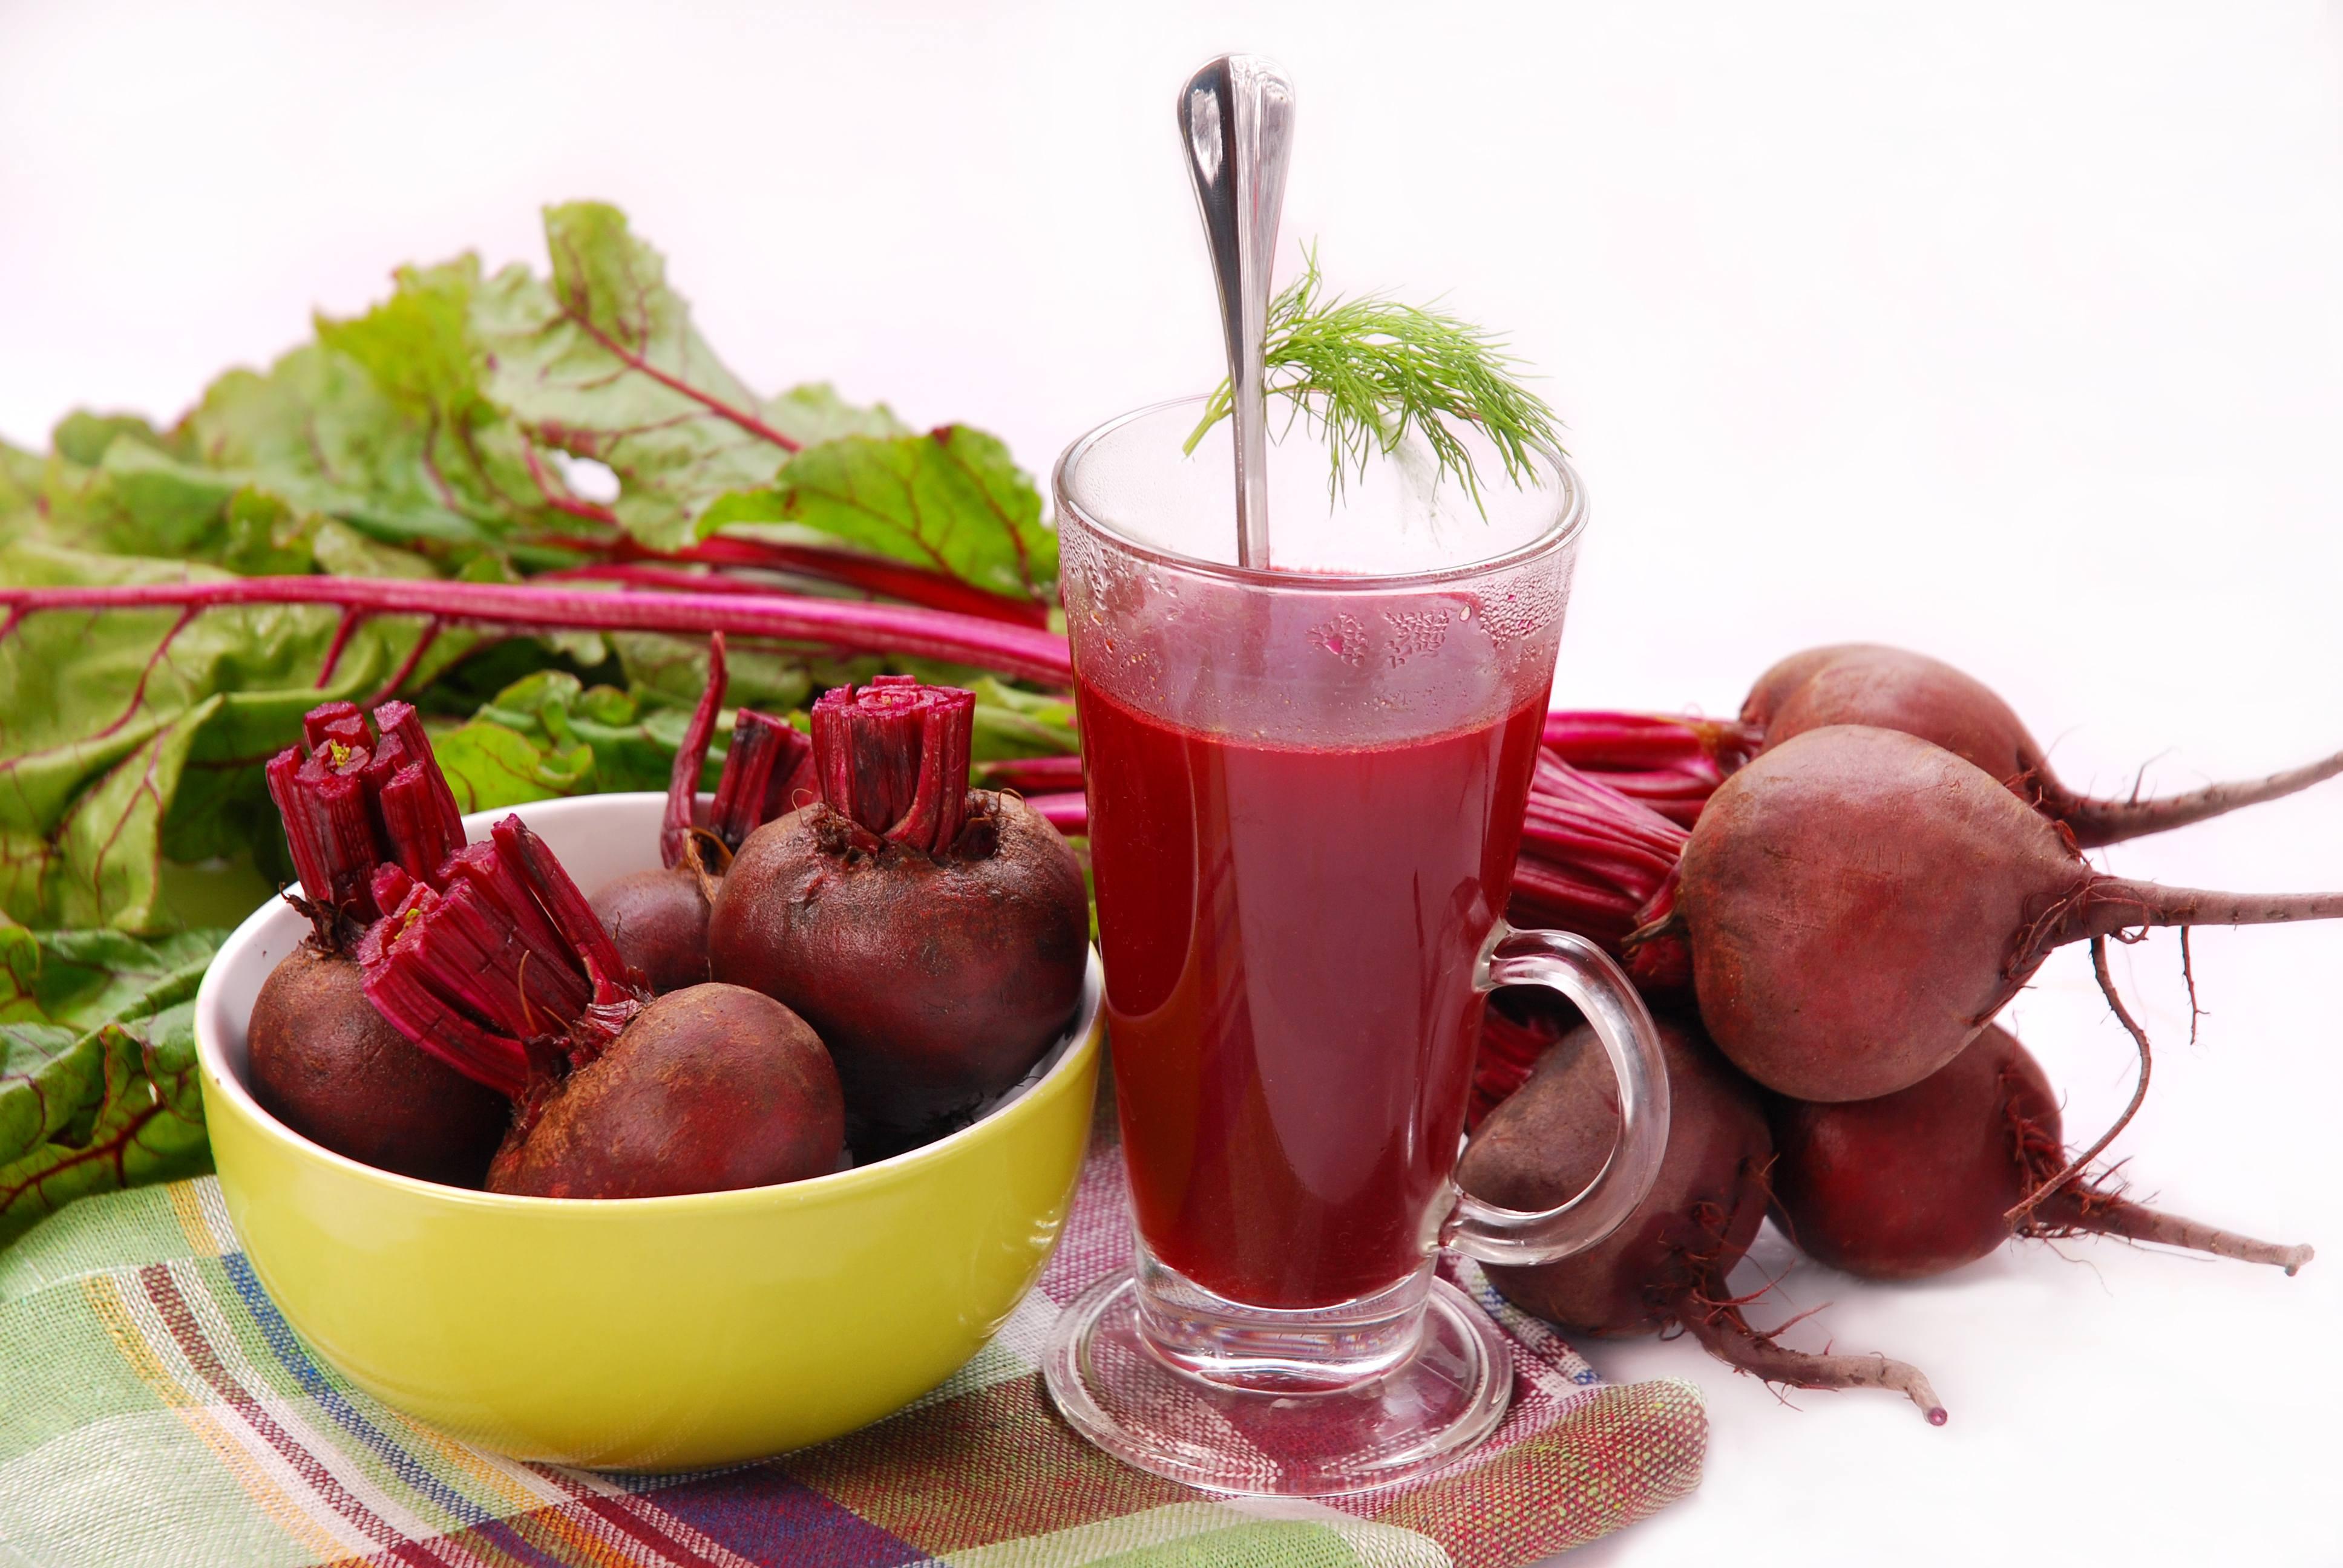 Beetroot Juice Reduces High Blood Pressure